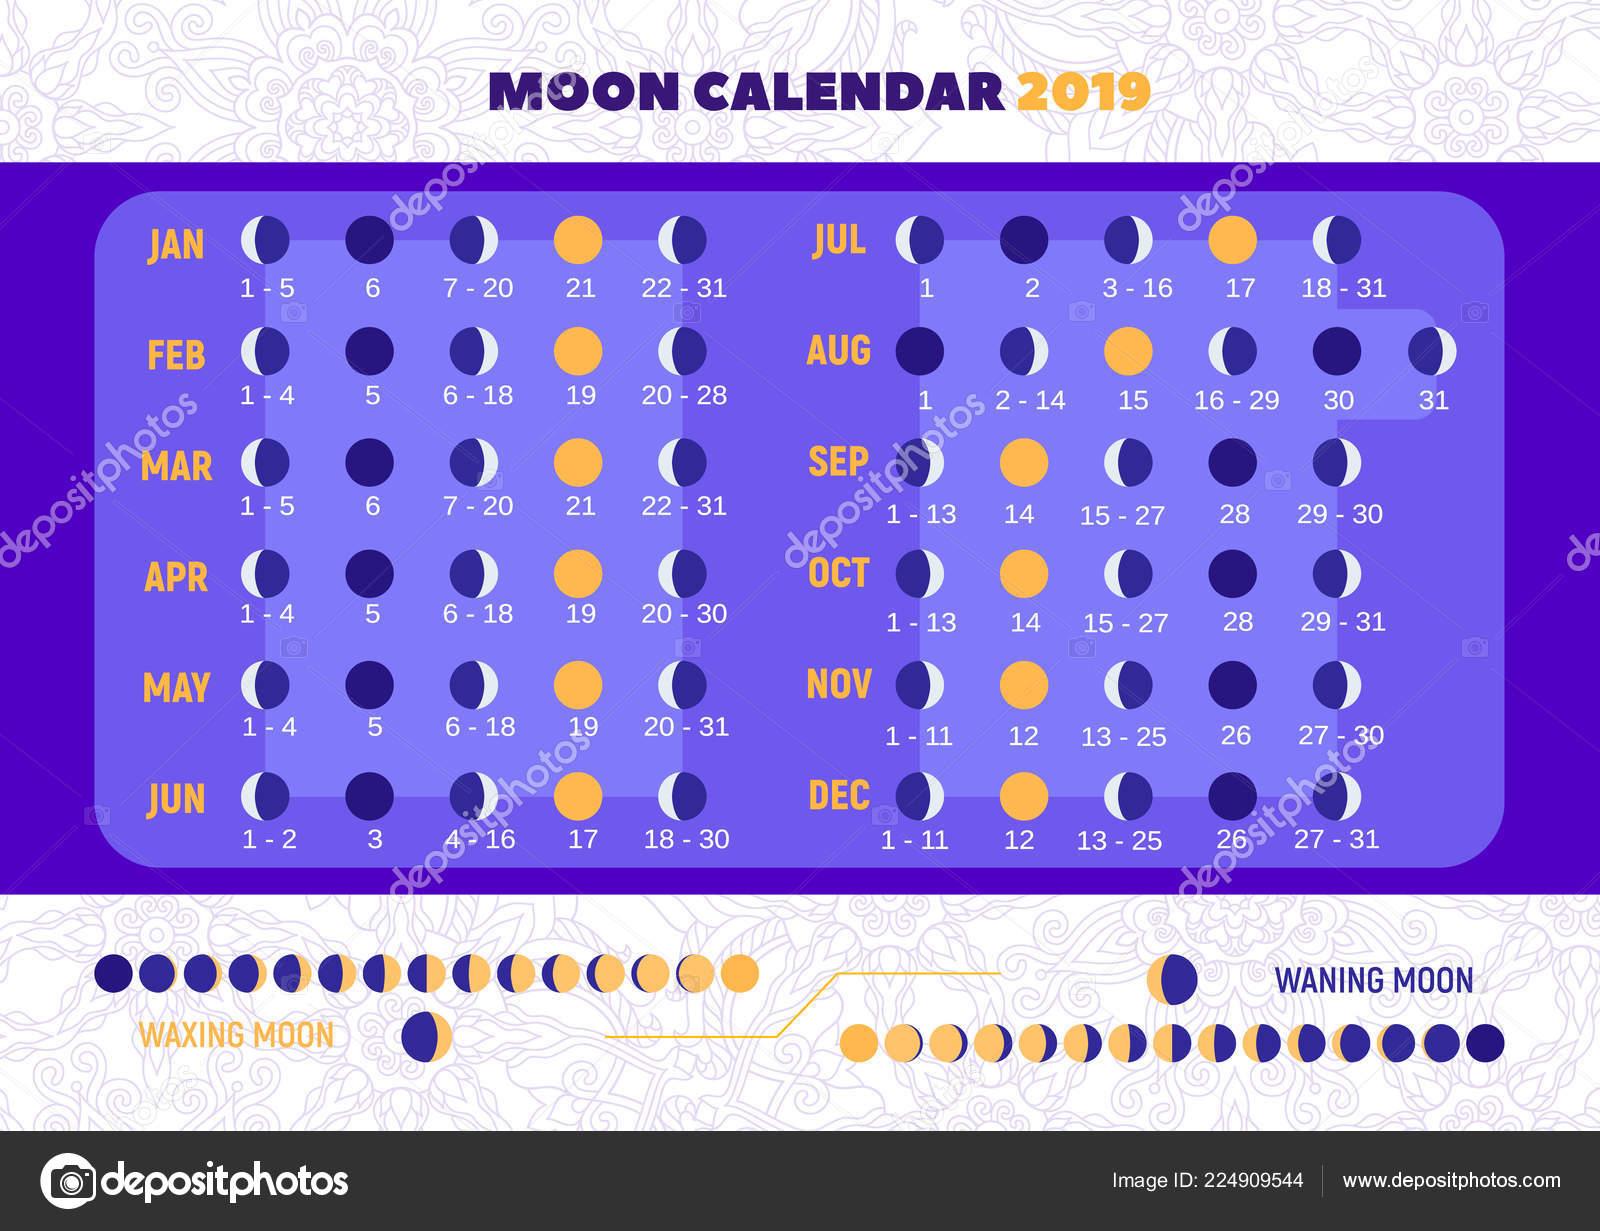 Calendrier Nouvelle Lune 2019.Calendrier Lune 2019 Illustration Vectorielle Style Plat